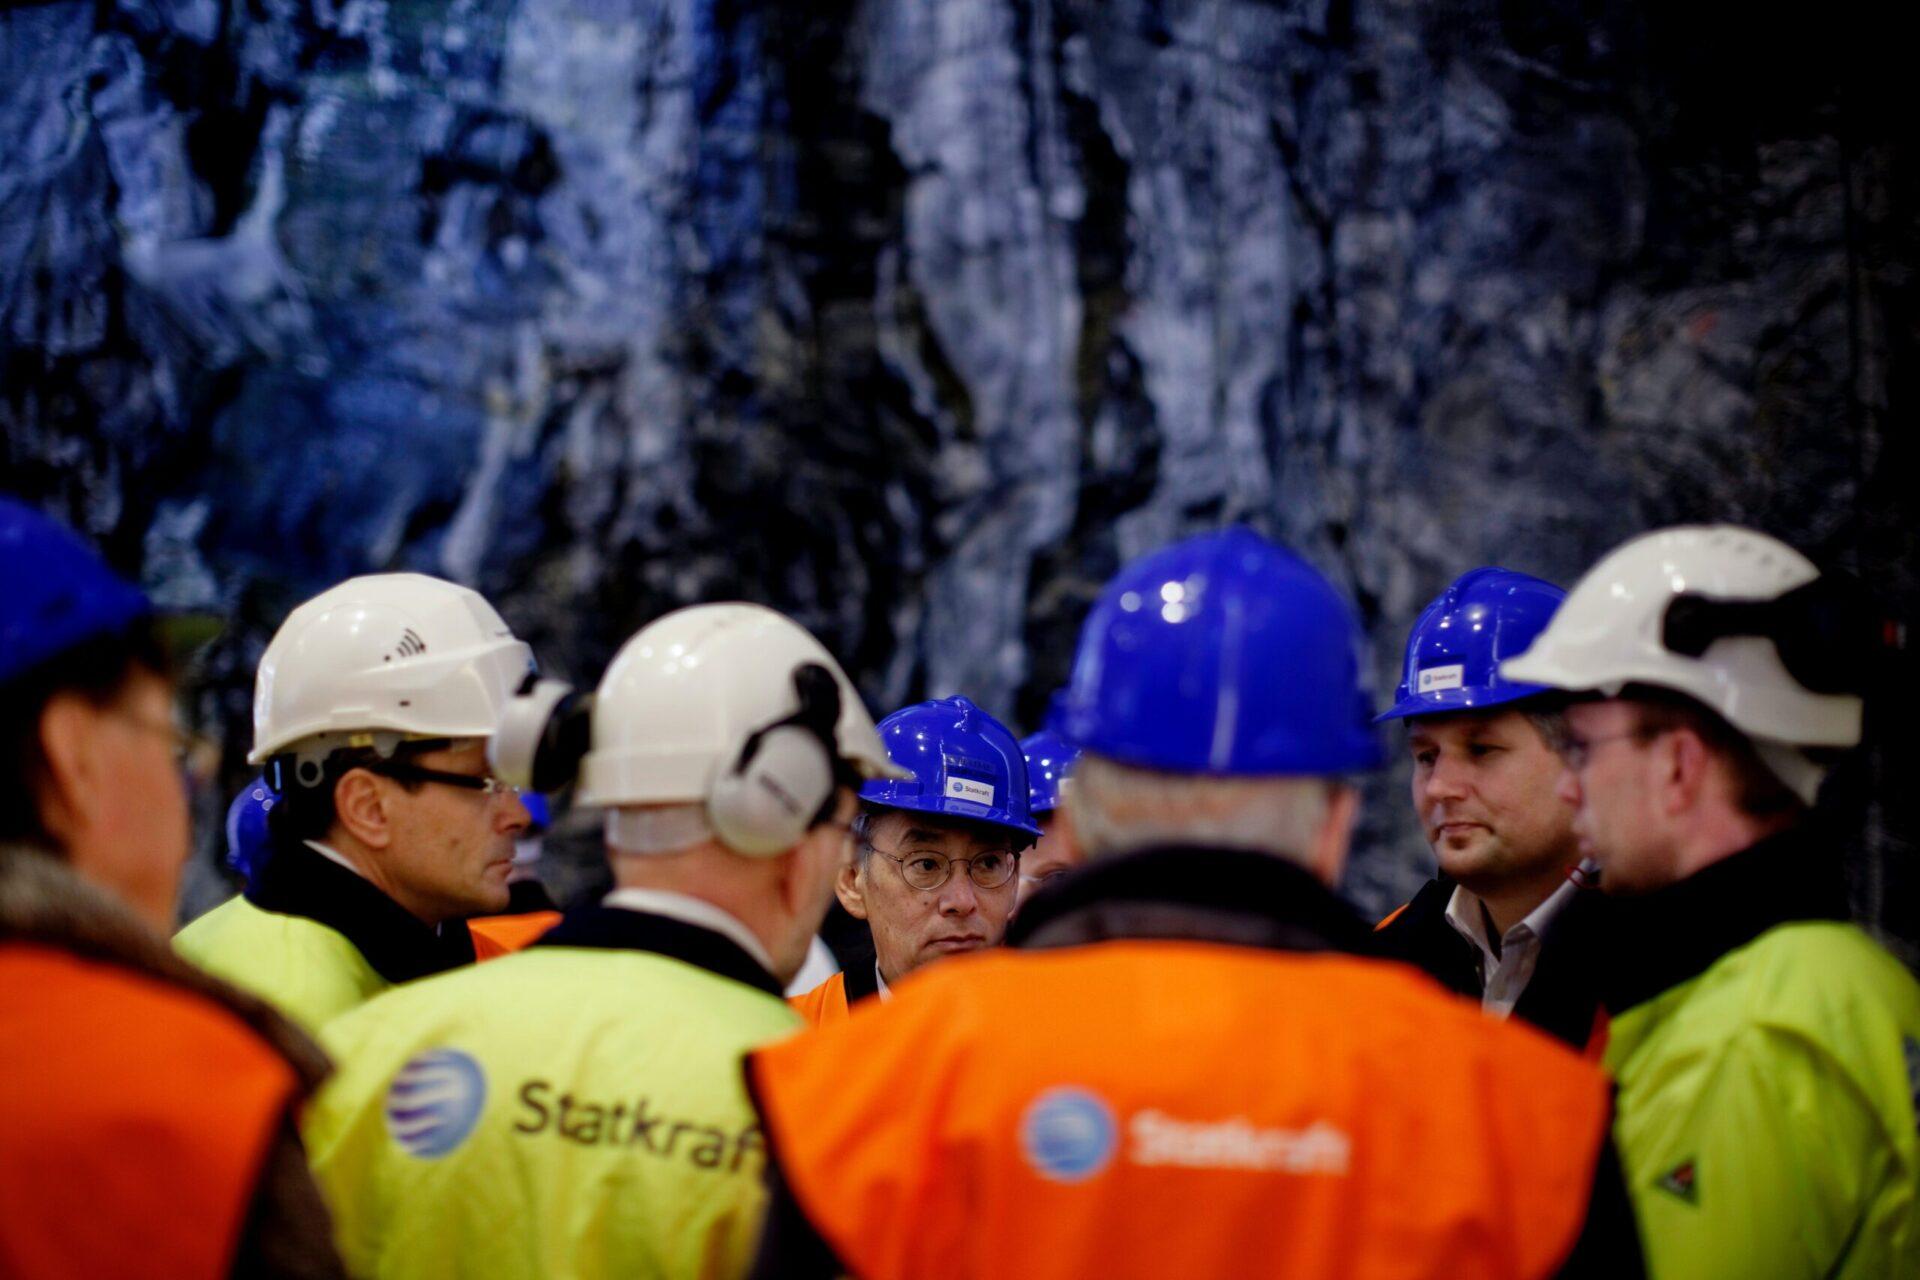 施工管理の安全管理とは現場の事故を防ぐこと【4つの安全管理】